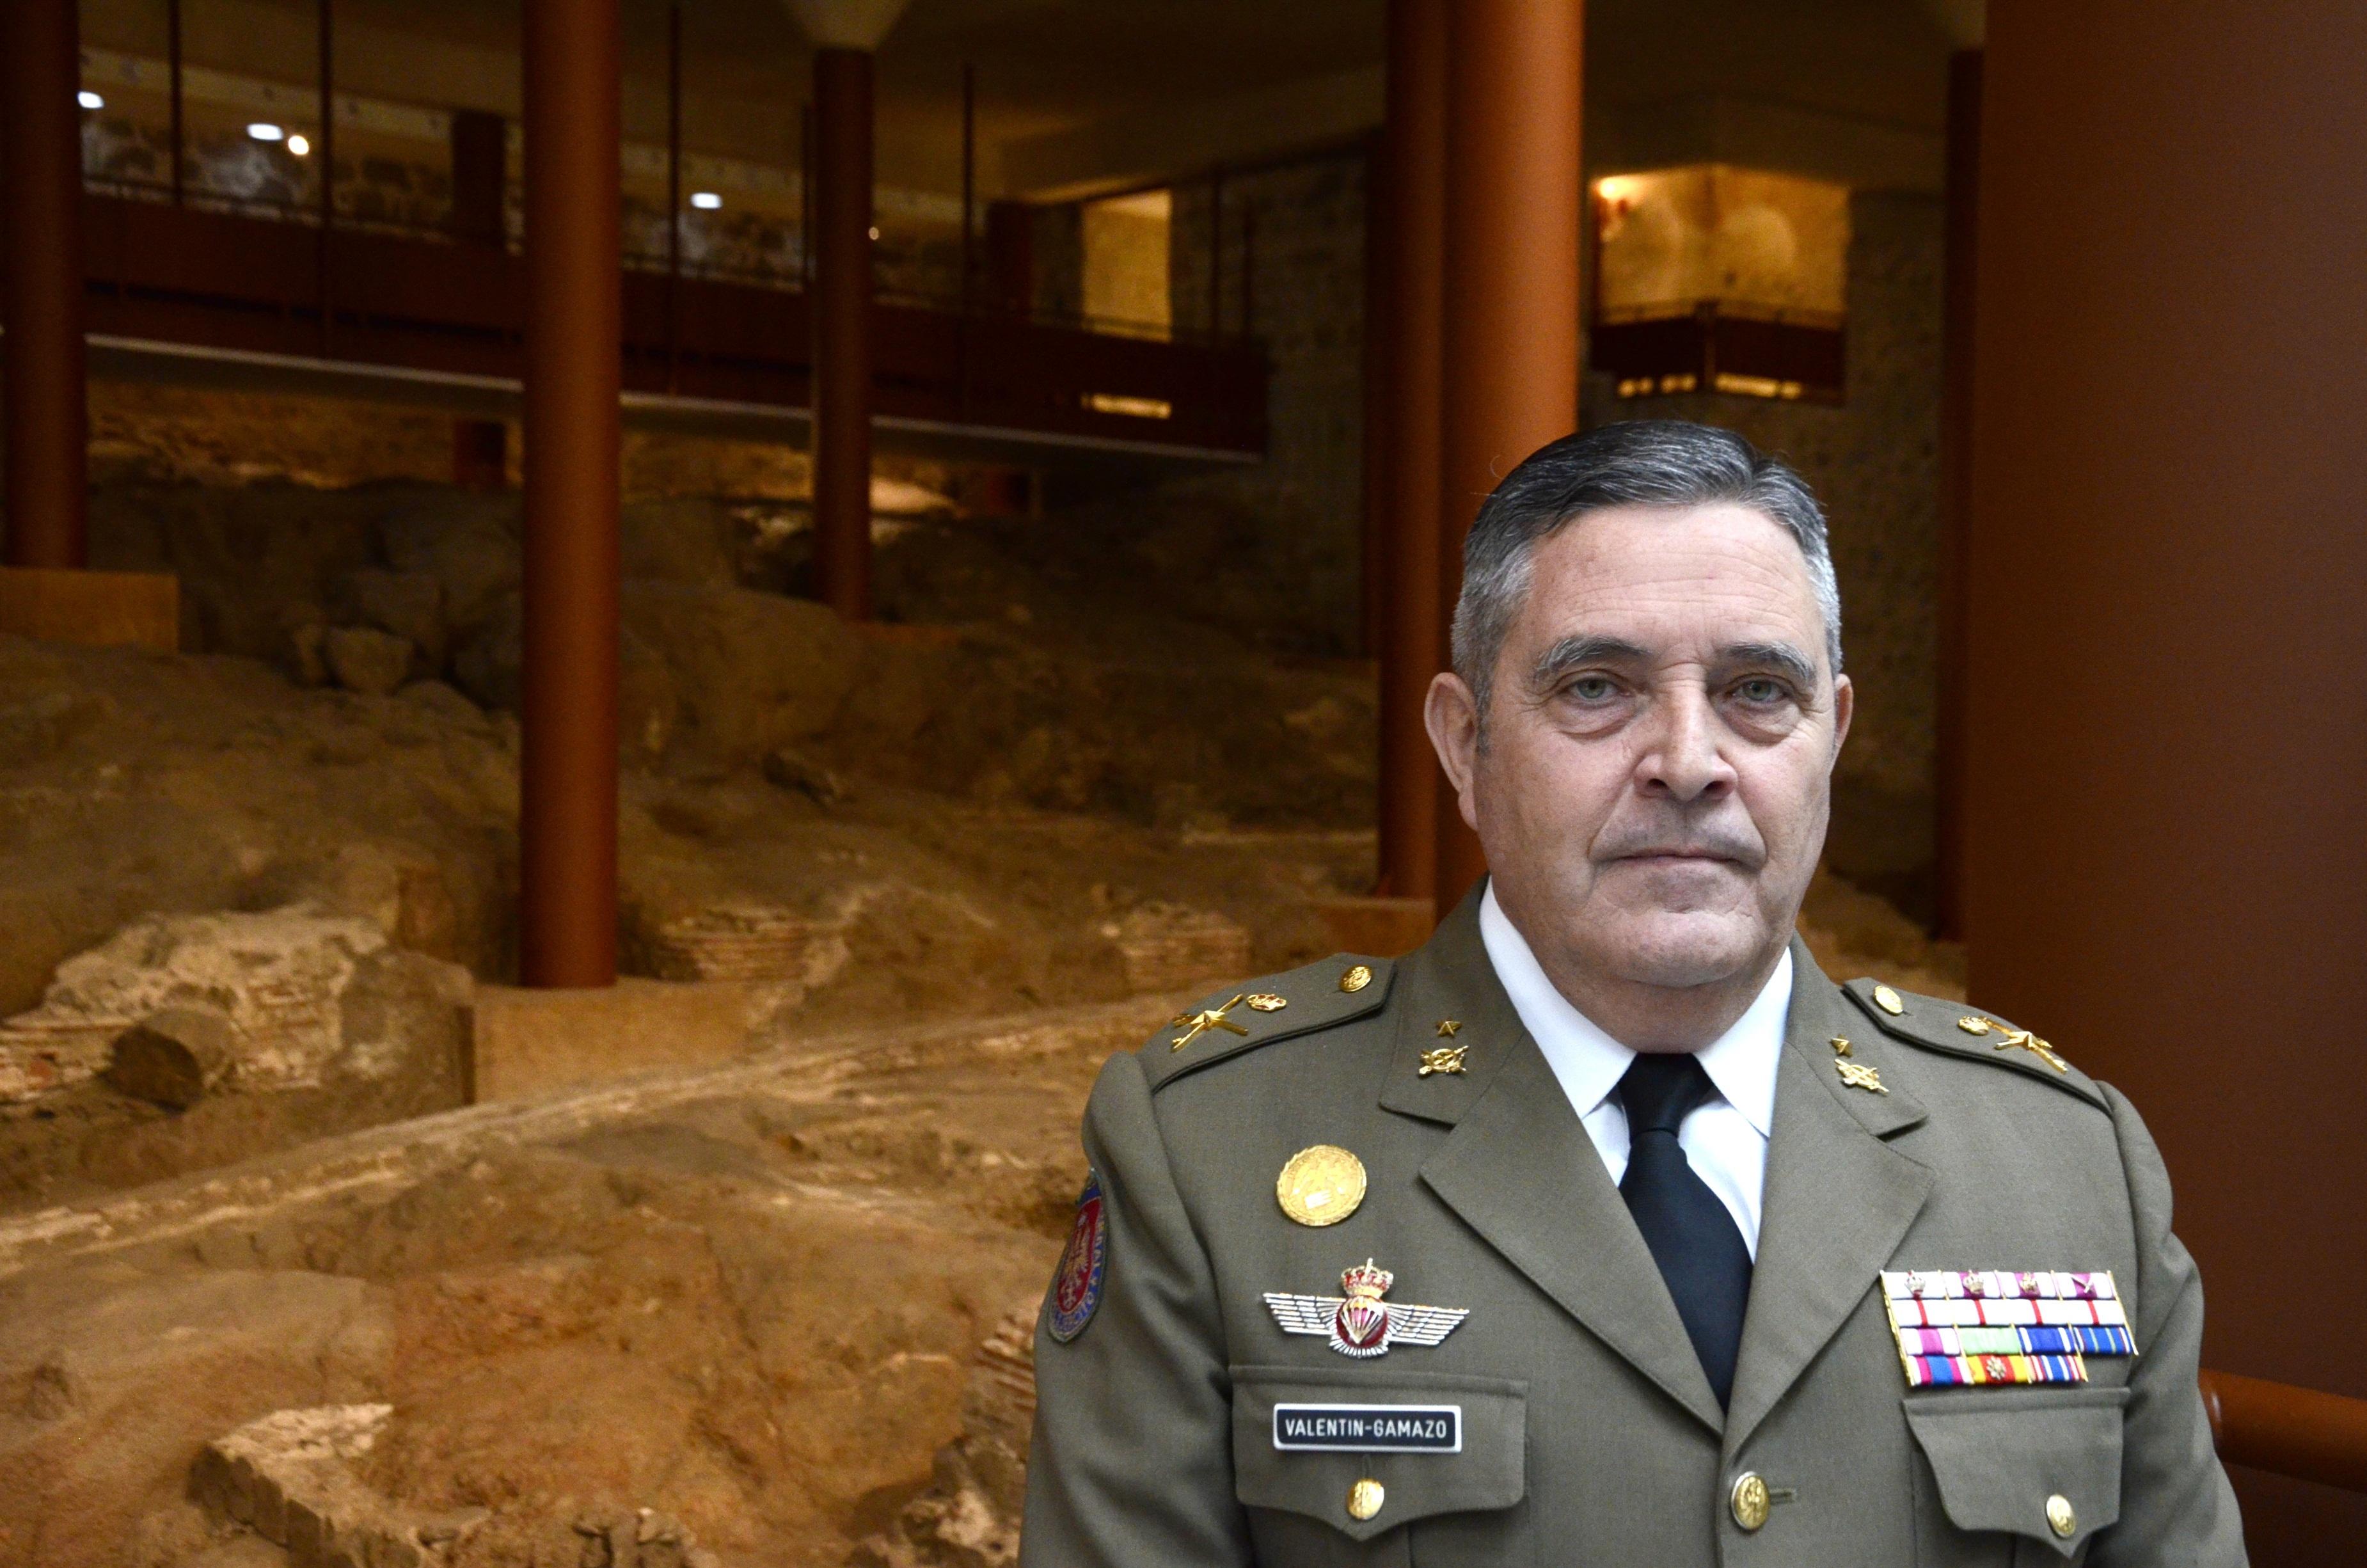 Mejorar la colección y dar una proyección internacional, entre los retos del nuevo director del Museo del Ejército